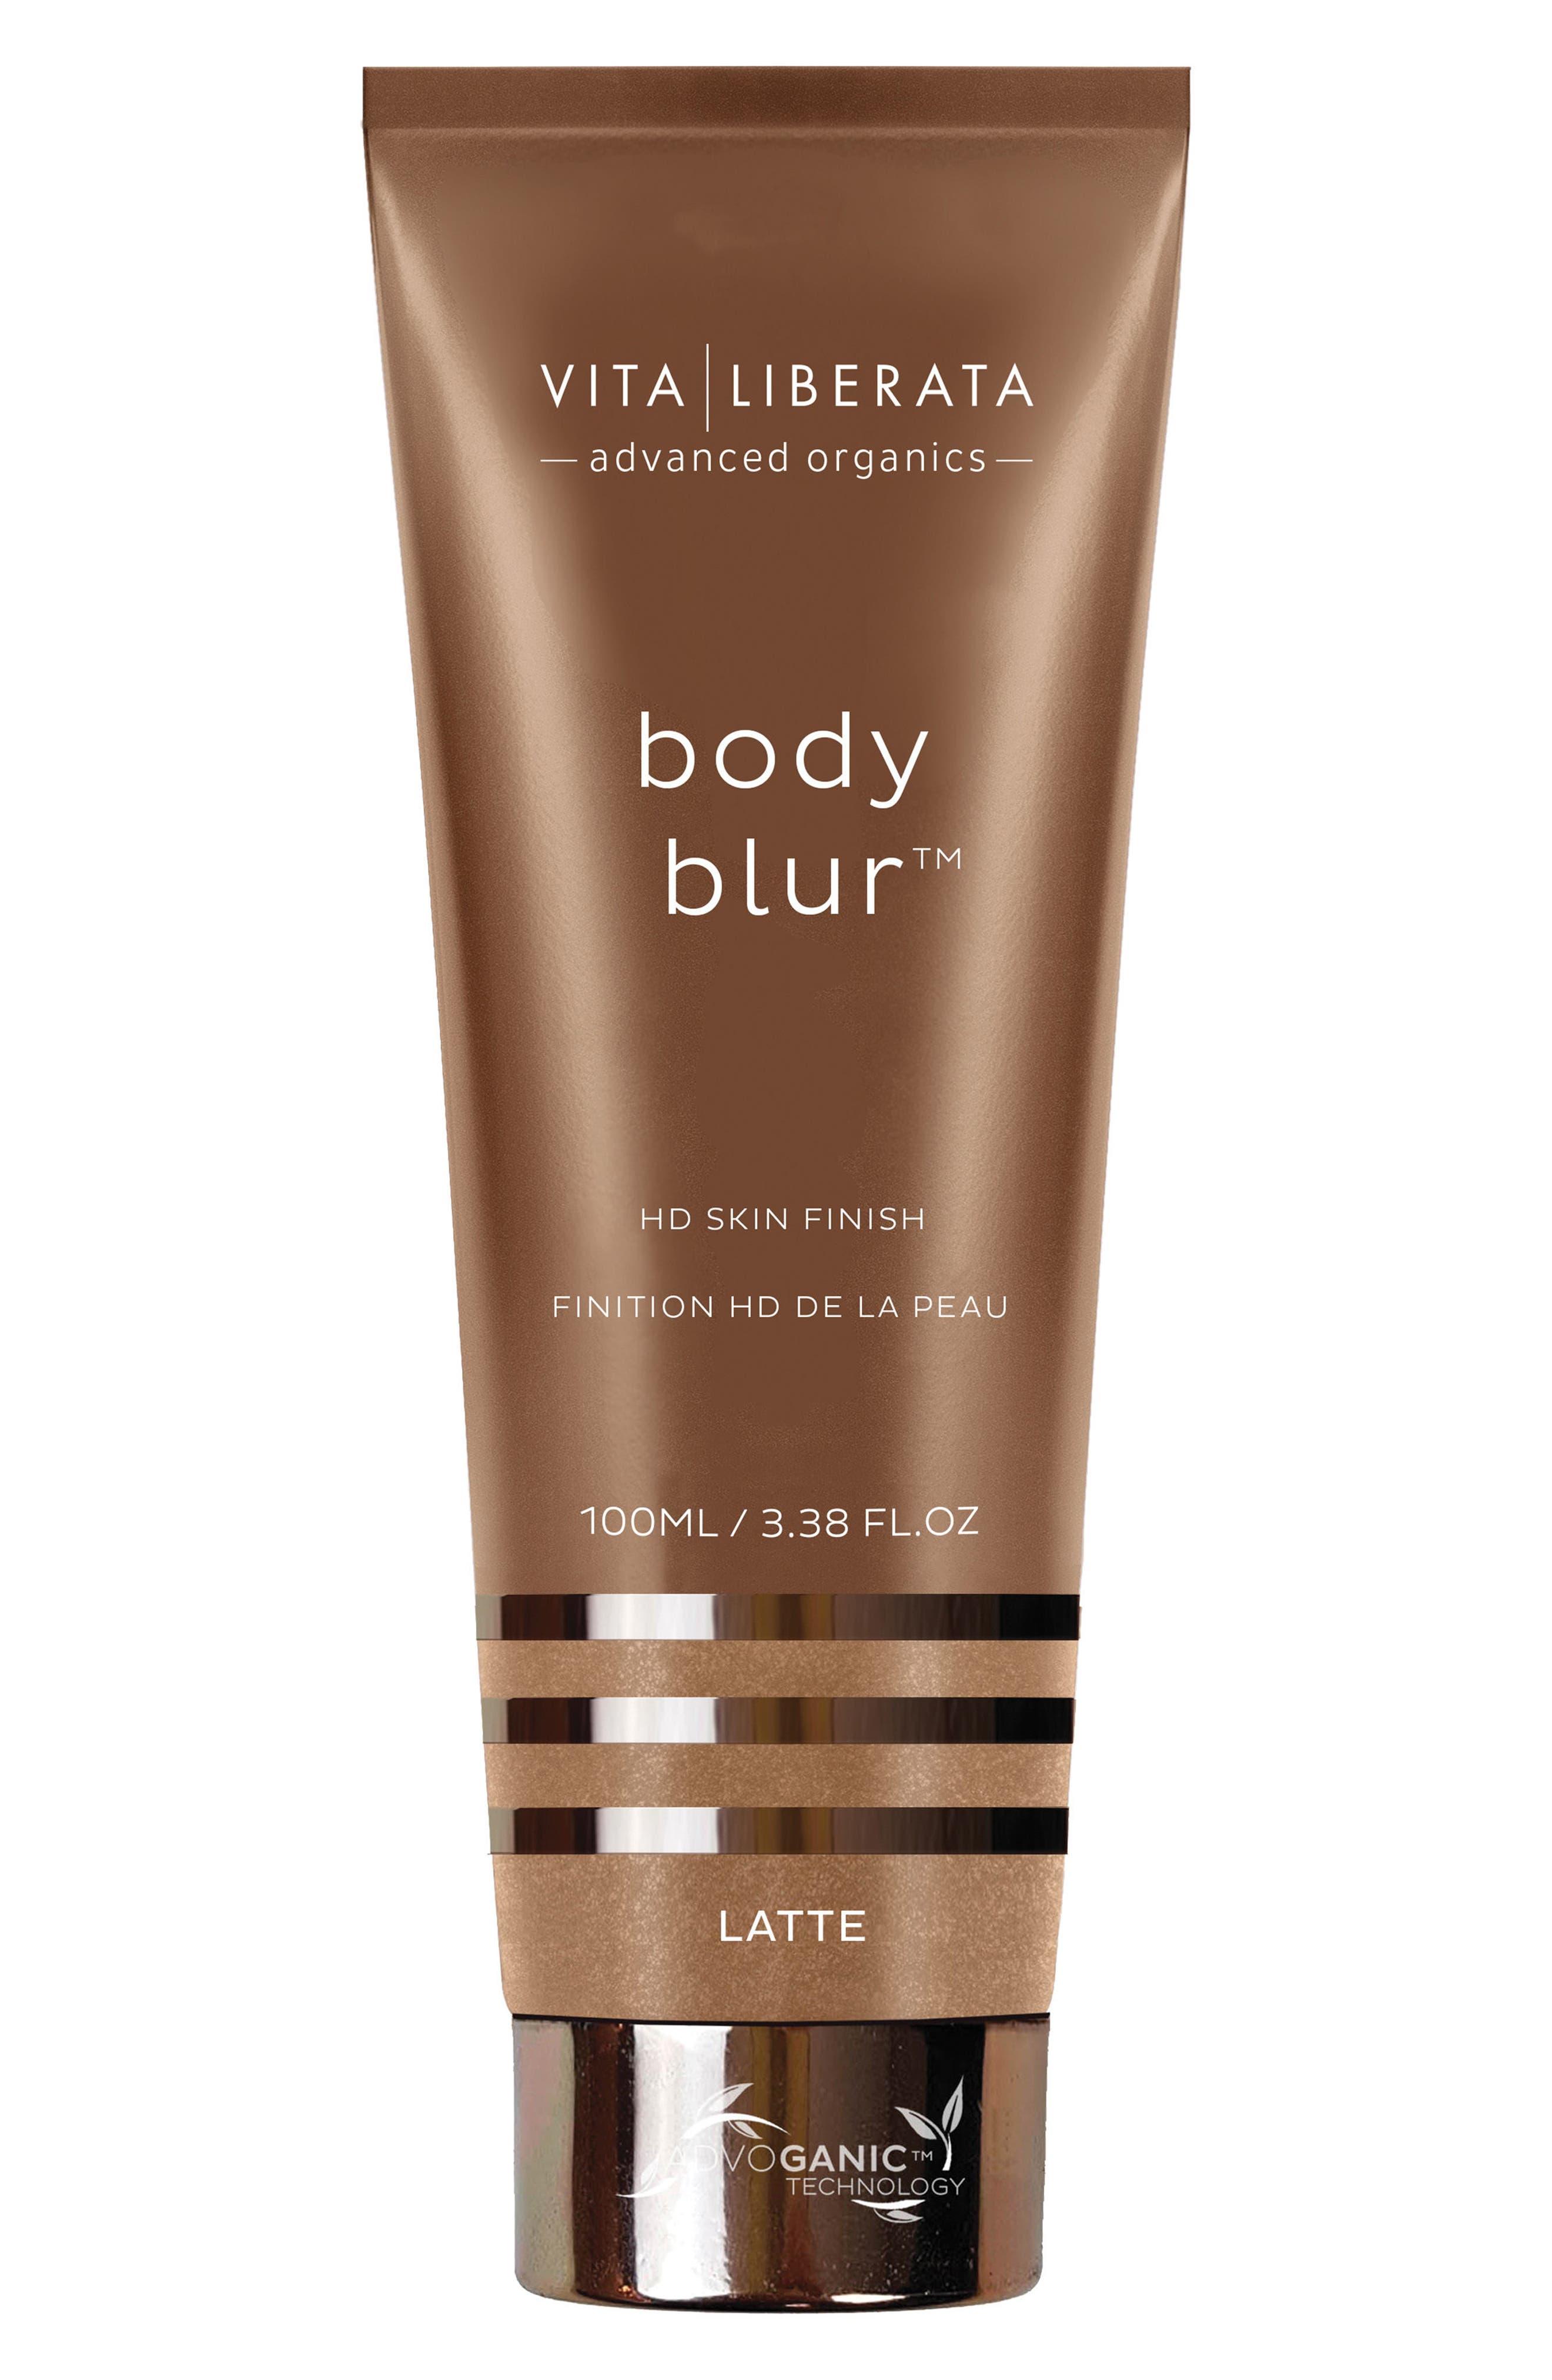 VITA LIBERATA,                             Body Blur Instant HD Skin Finish,                             Main thumbnail 1, color,                             LATTE